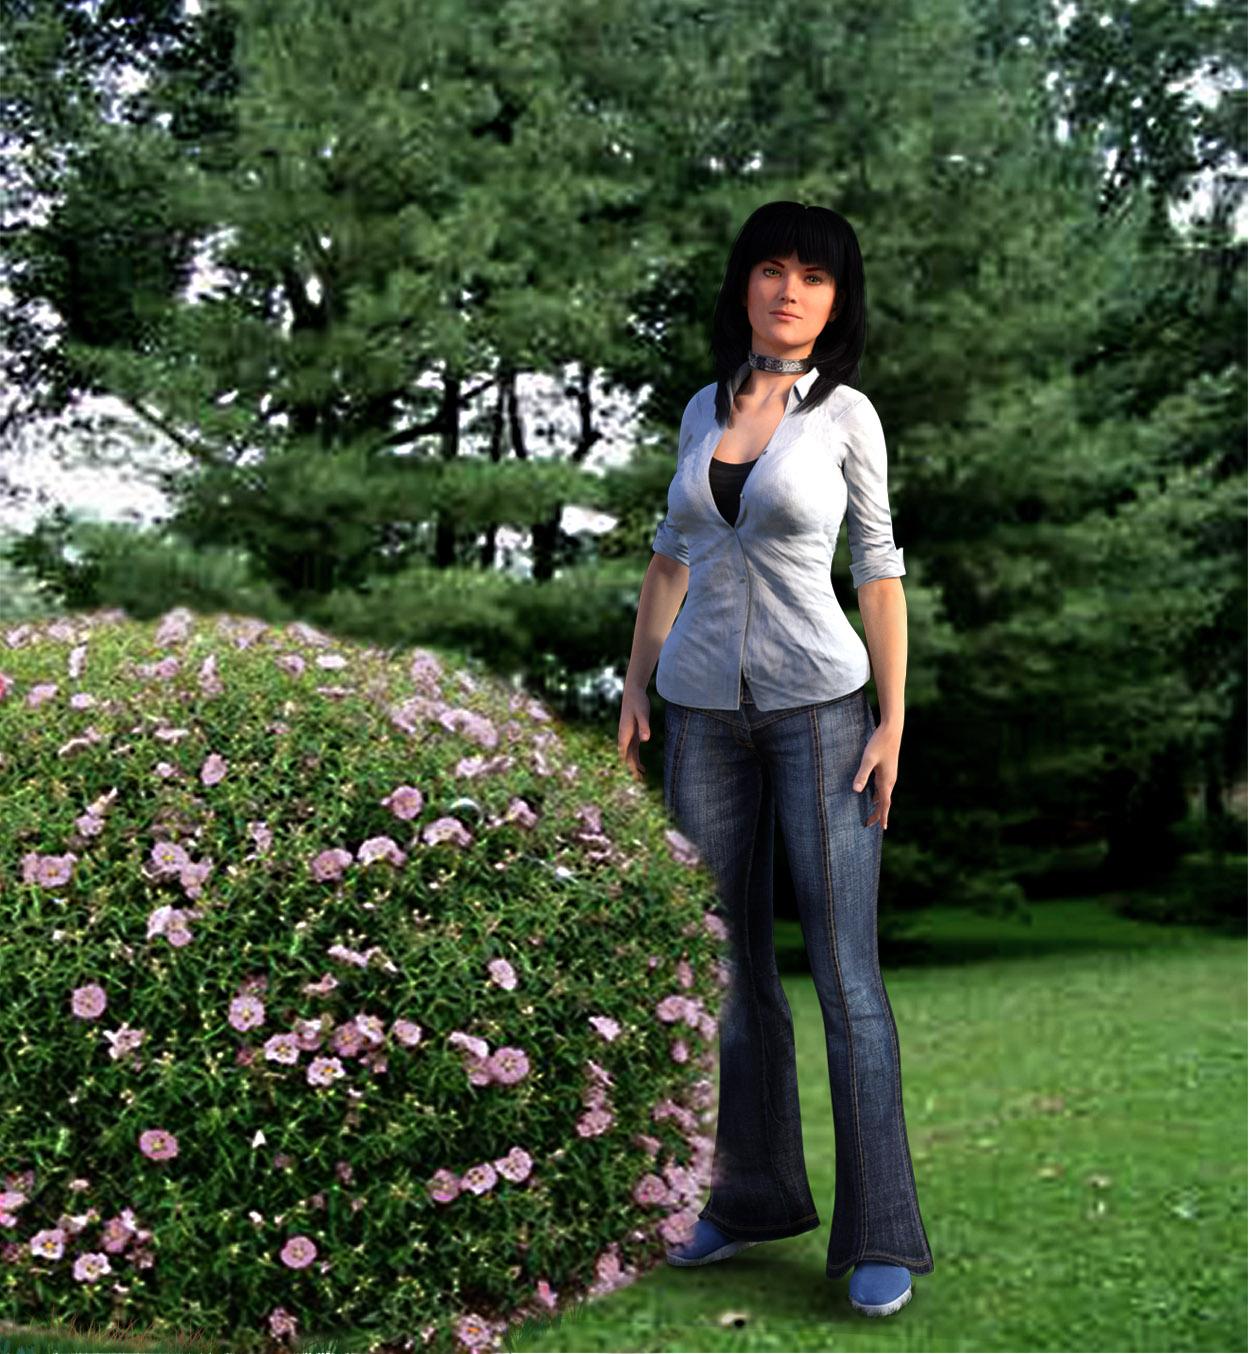 Beside the rose bush